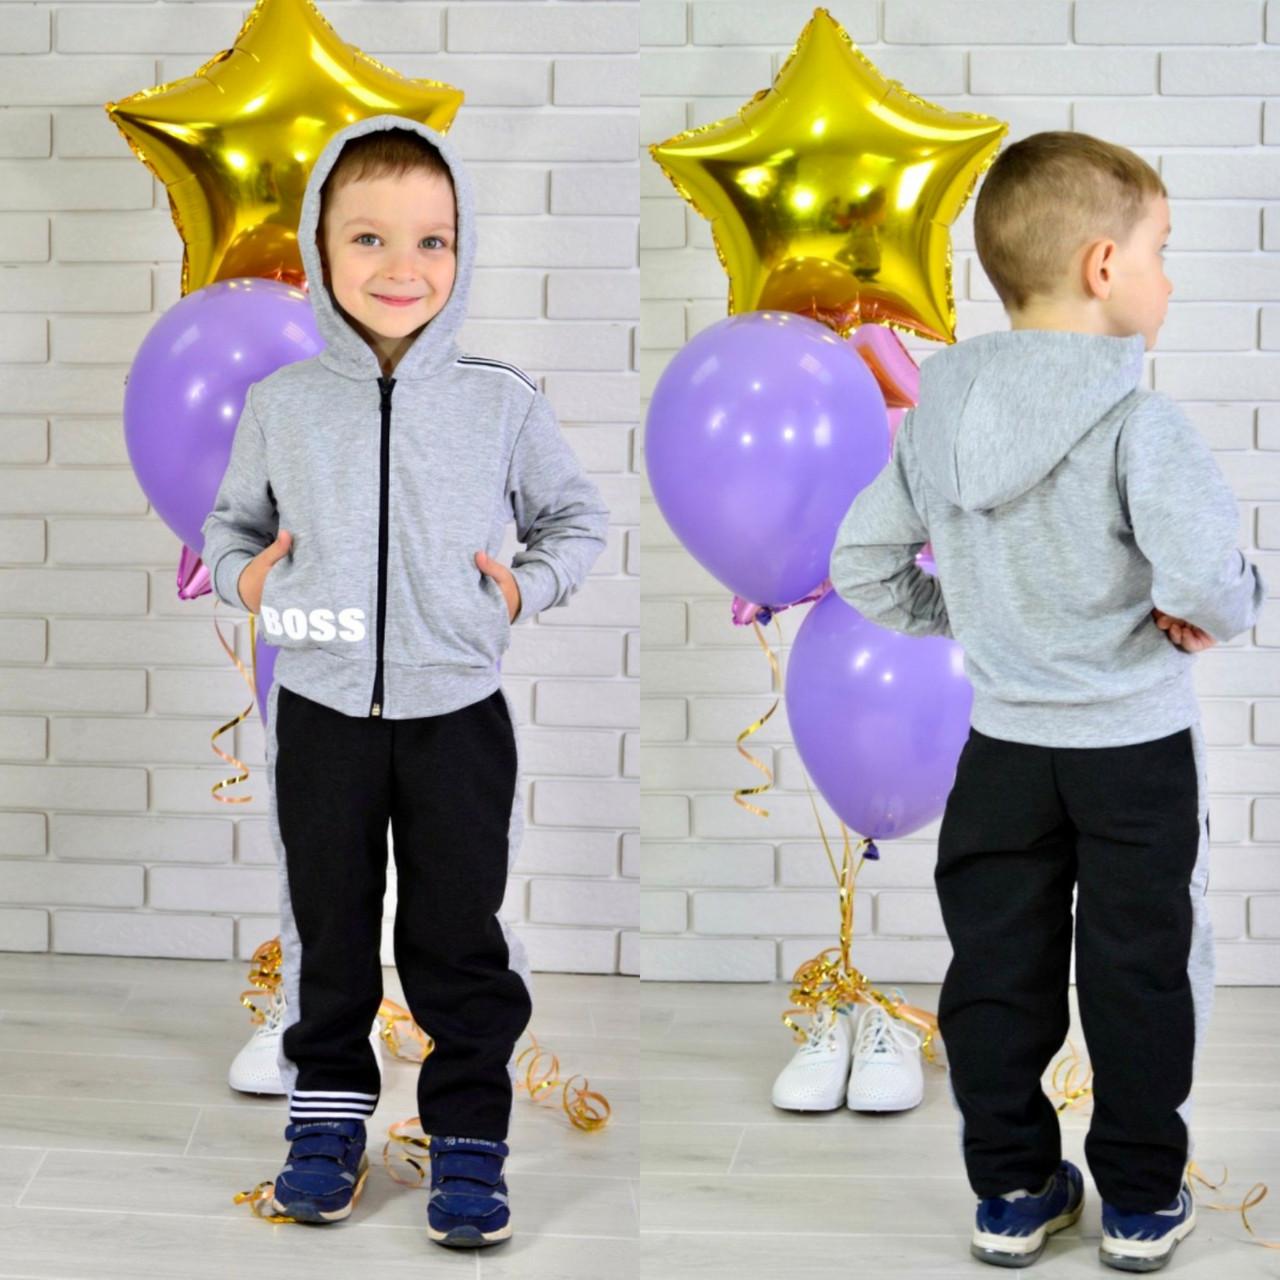 Спортивный костюм для мальчика BOSS (двухнитка) 98, 104, 110, 116